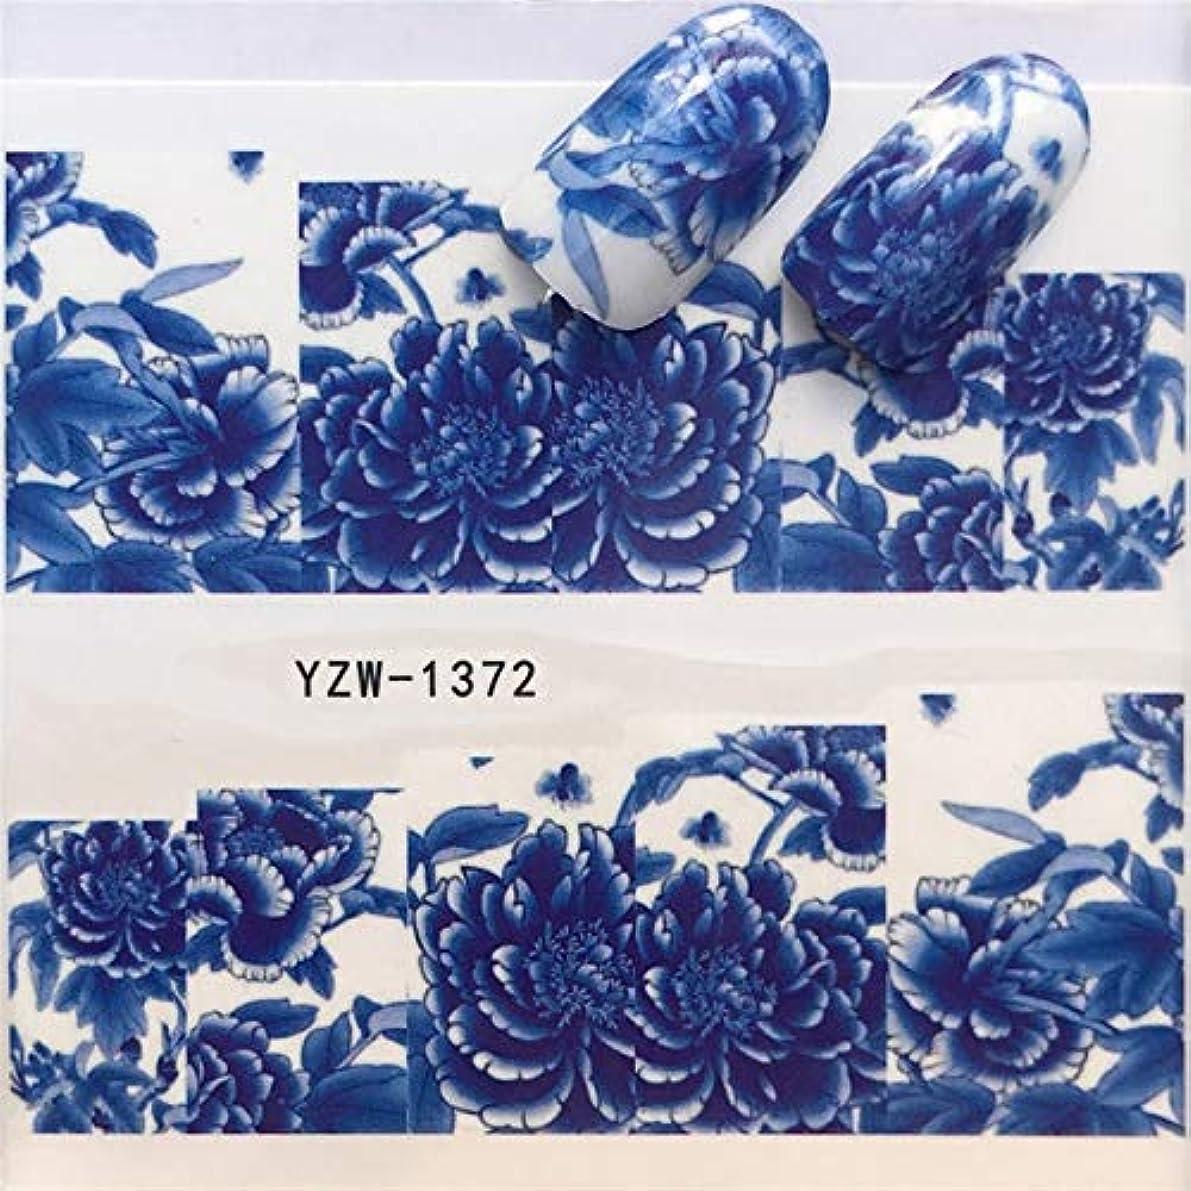 定刻場合砲兵手足ビューティーケア 3個ネイルステッカーセットデカール水転写スライダーネイルアートデコレーション、色:YZW 1372